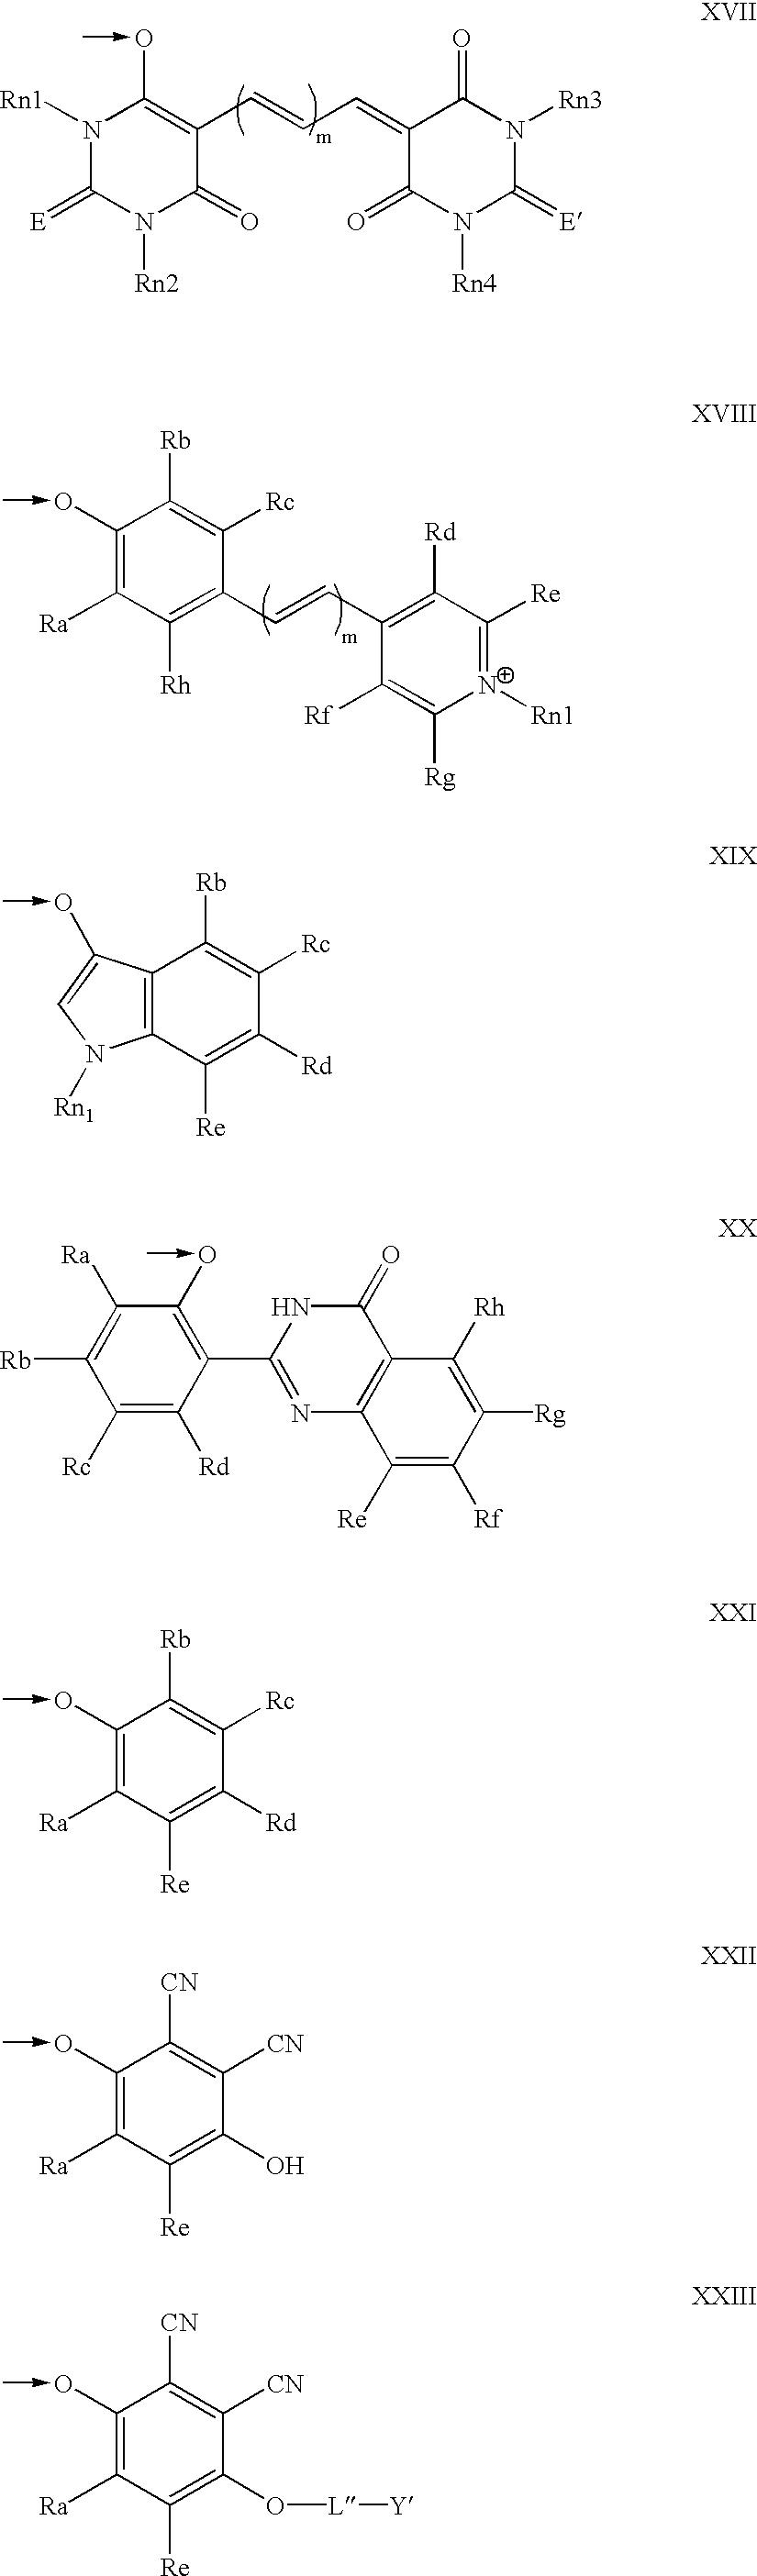 Figure US06514687-20030204-C00095